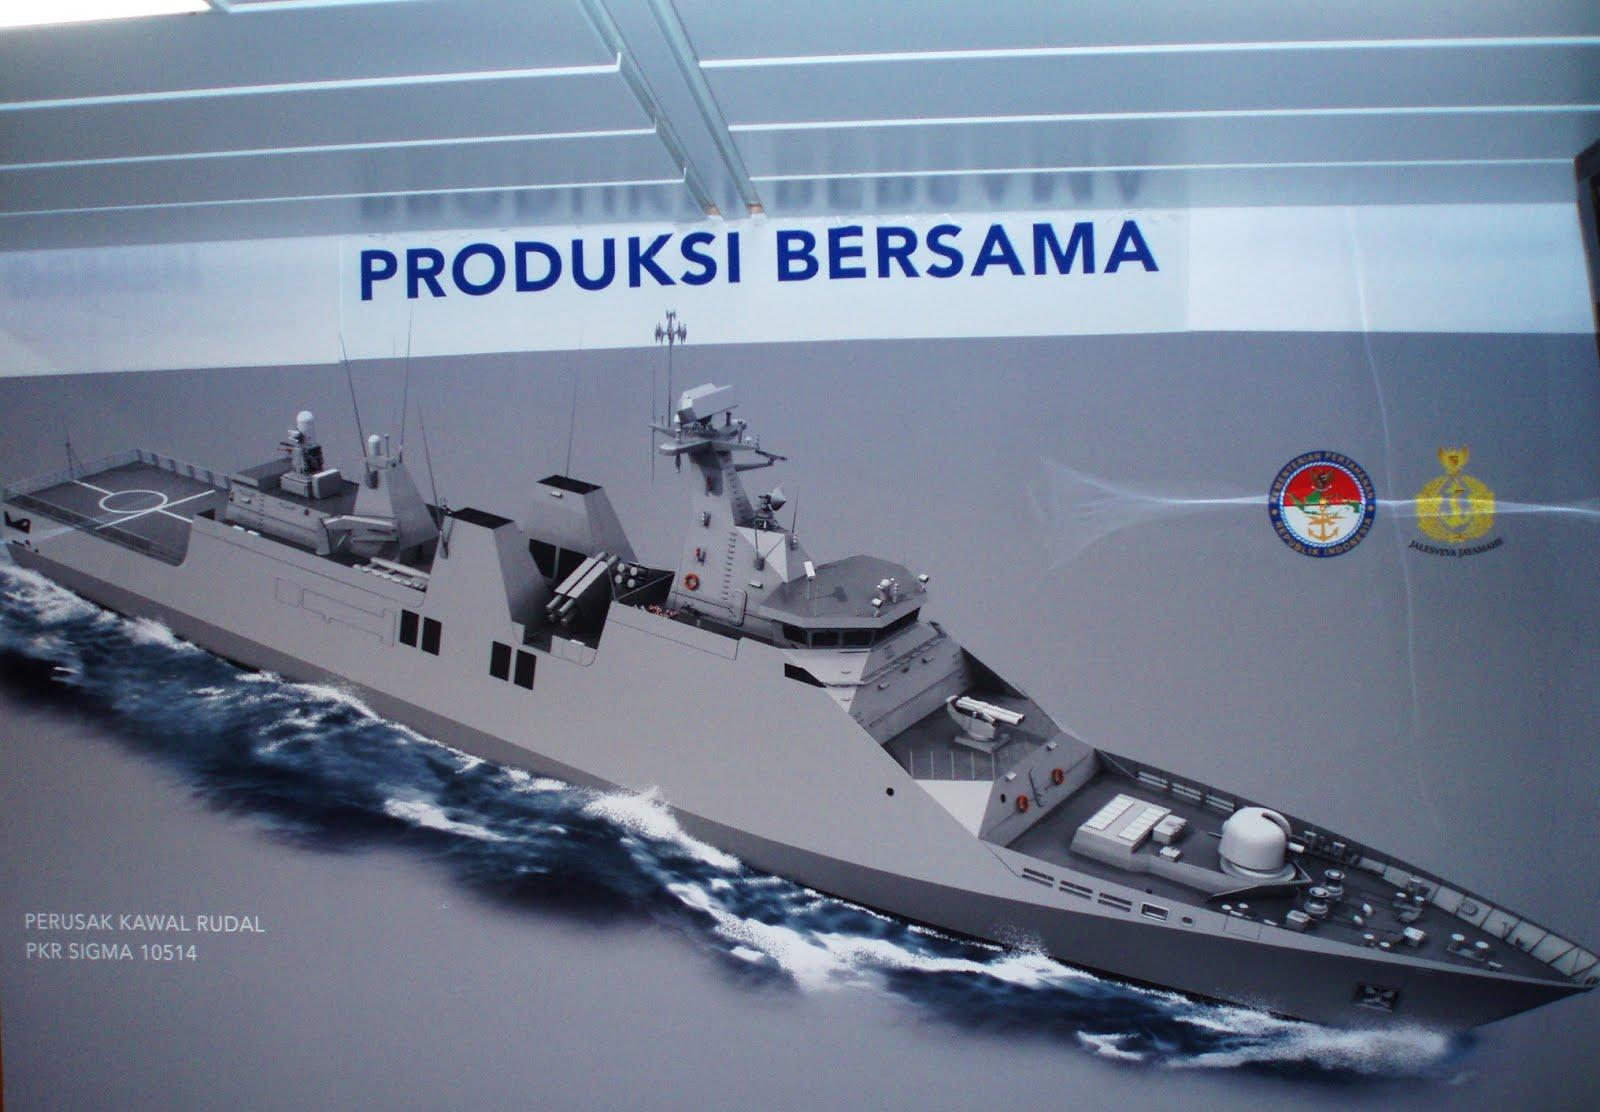 PKR Sigma 10514 TNI AL